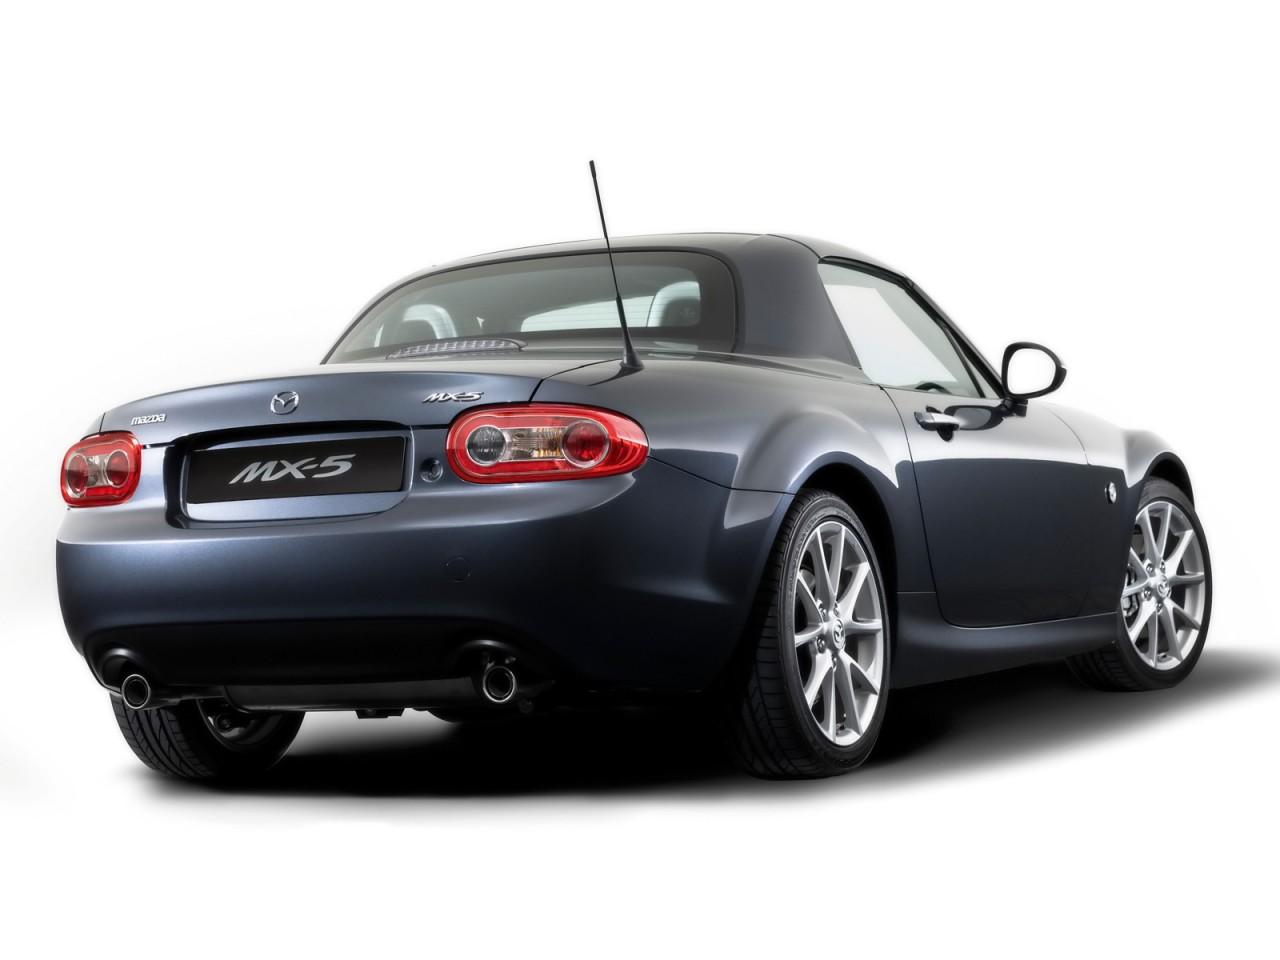 2010 Mazda Mx 5 Motor Desktop